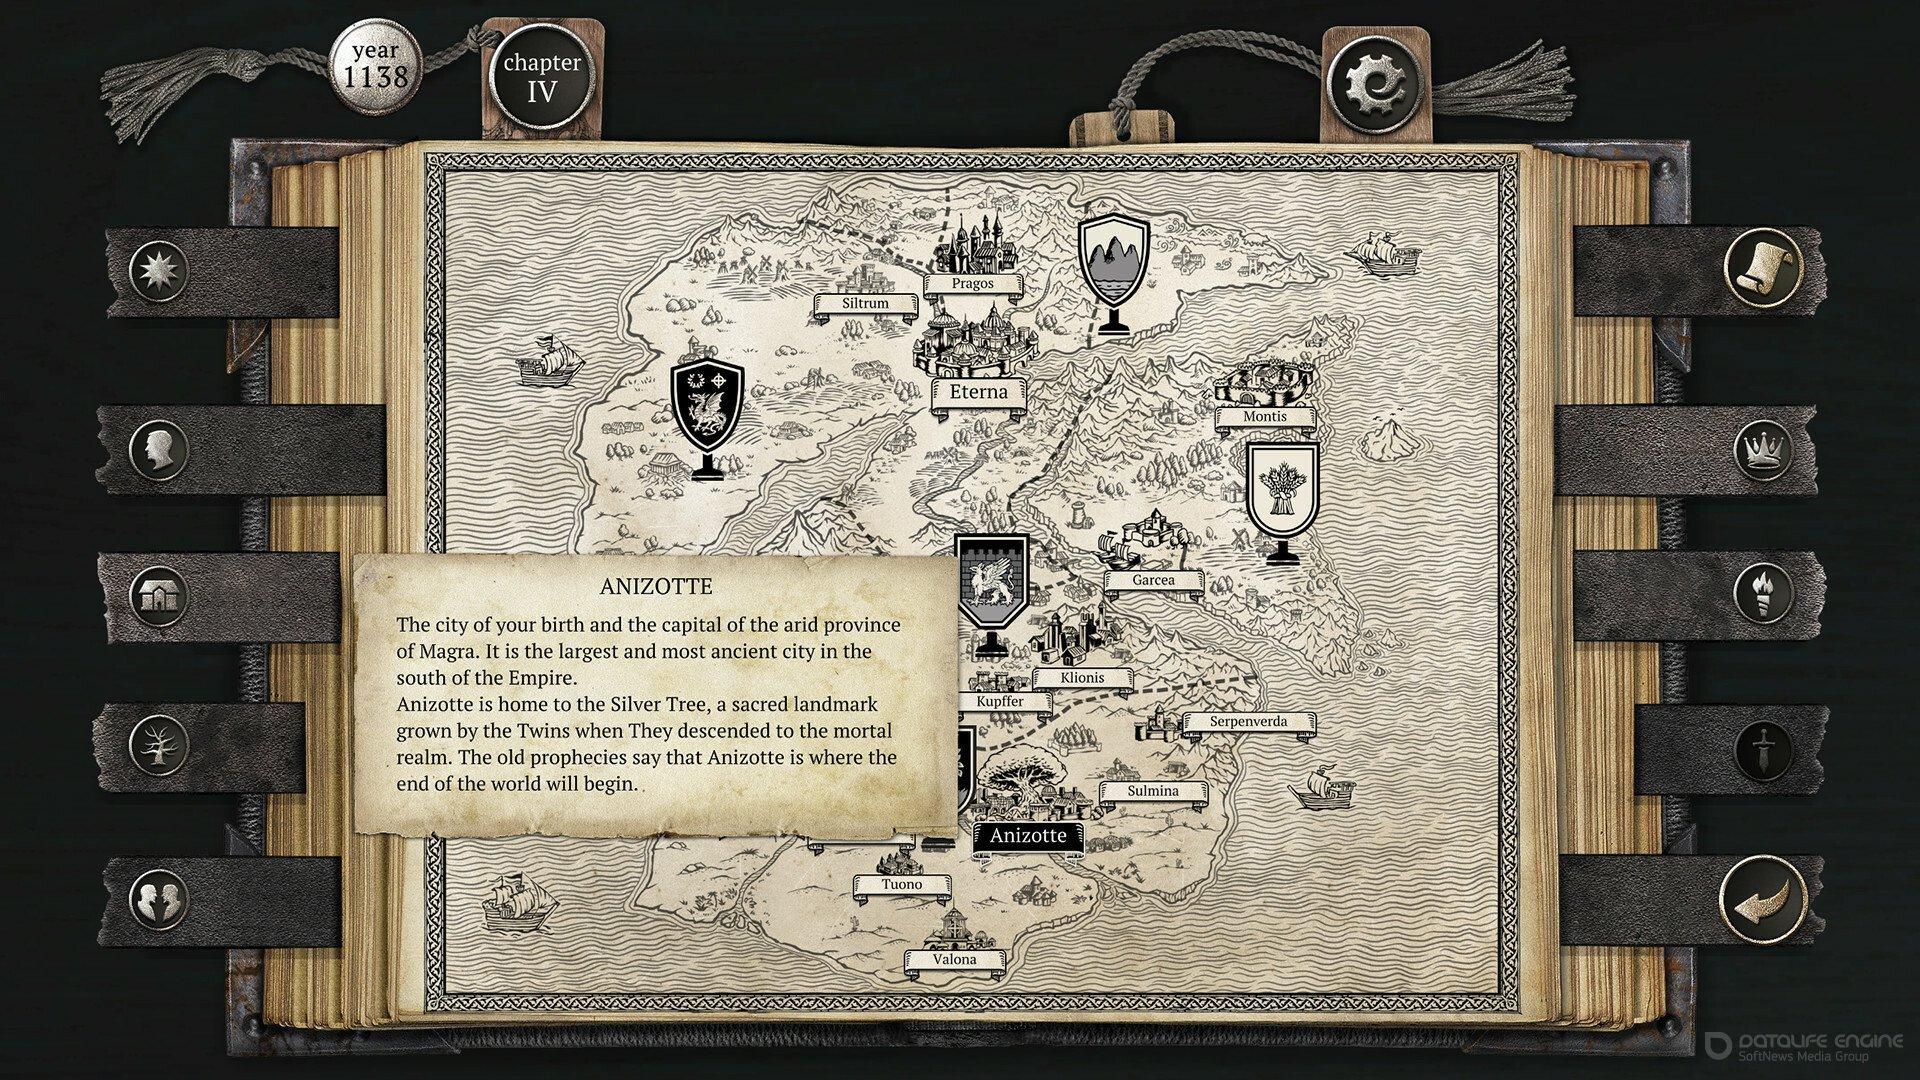 Скриншот к игре The Life and Suffering of Sir Brante [GOG] (2021) скачать торрент Лицензия